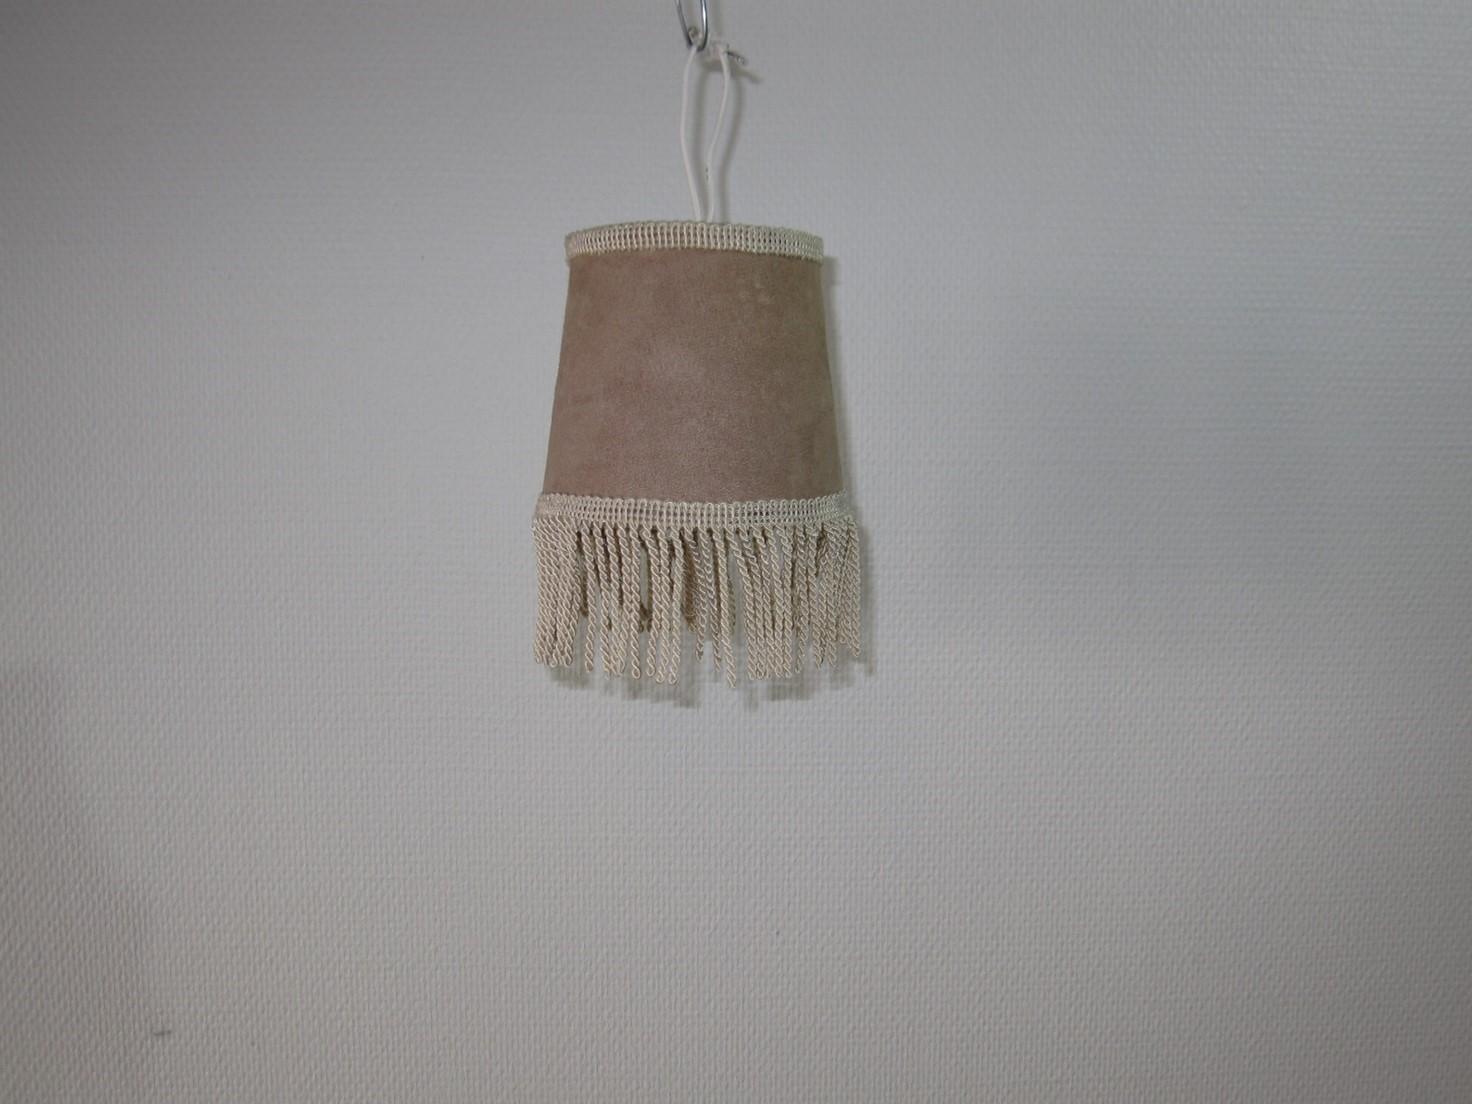 Alm. lampe i brun nuance med kort fryns